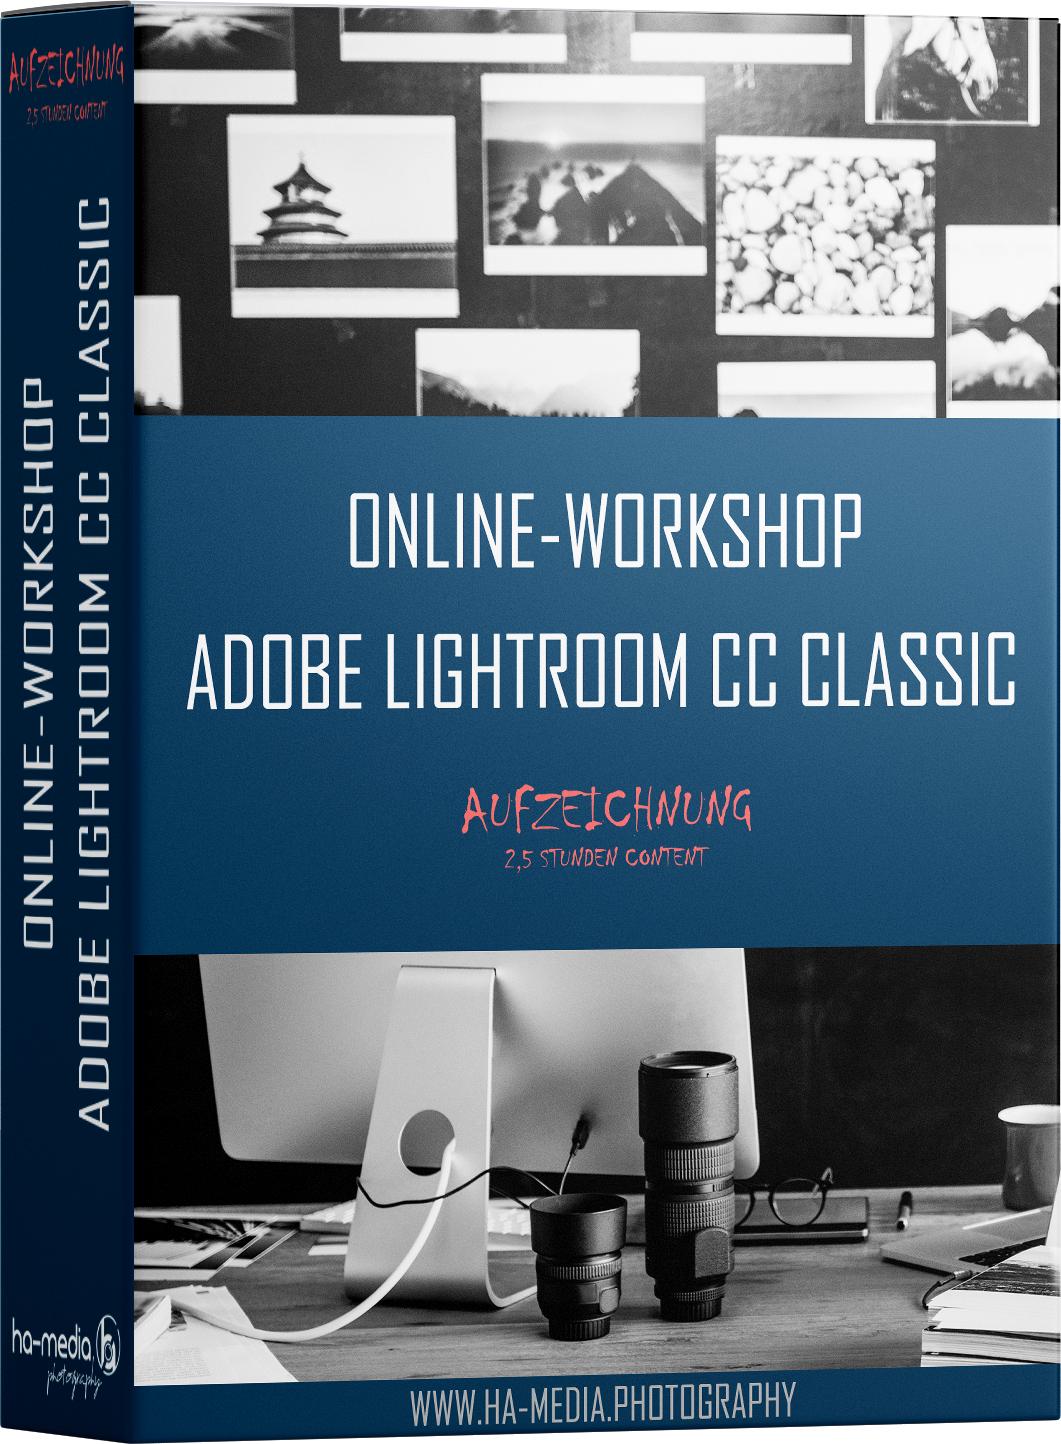 Aufzeichnung - Adobe Lightroom Classic CC